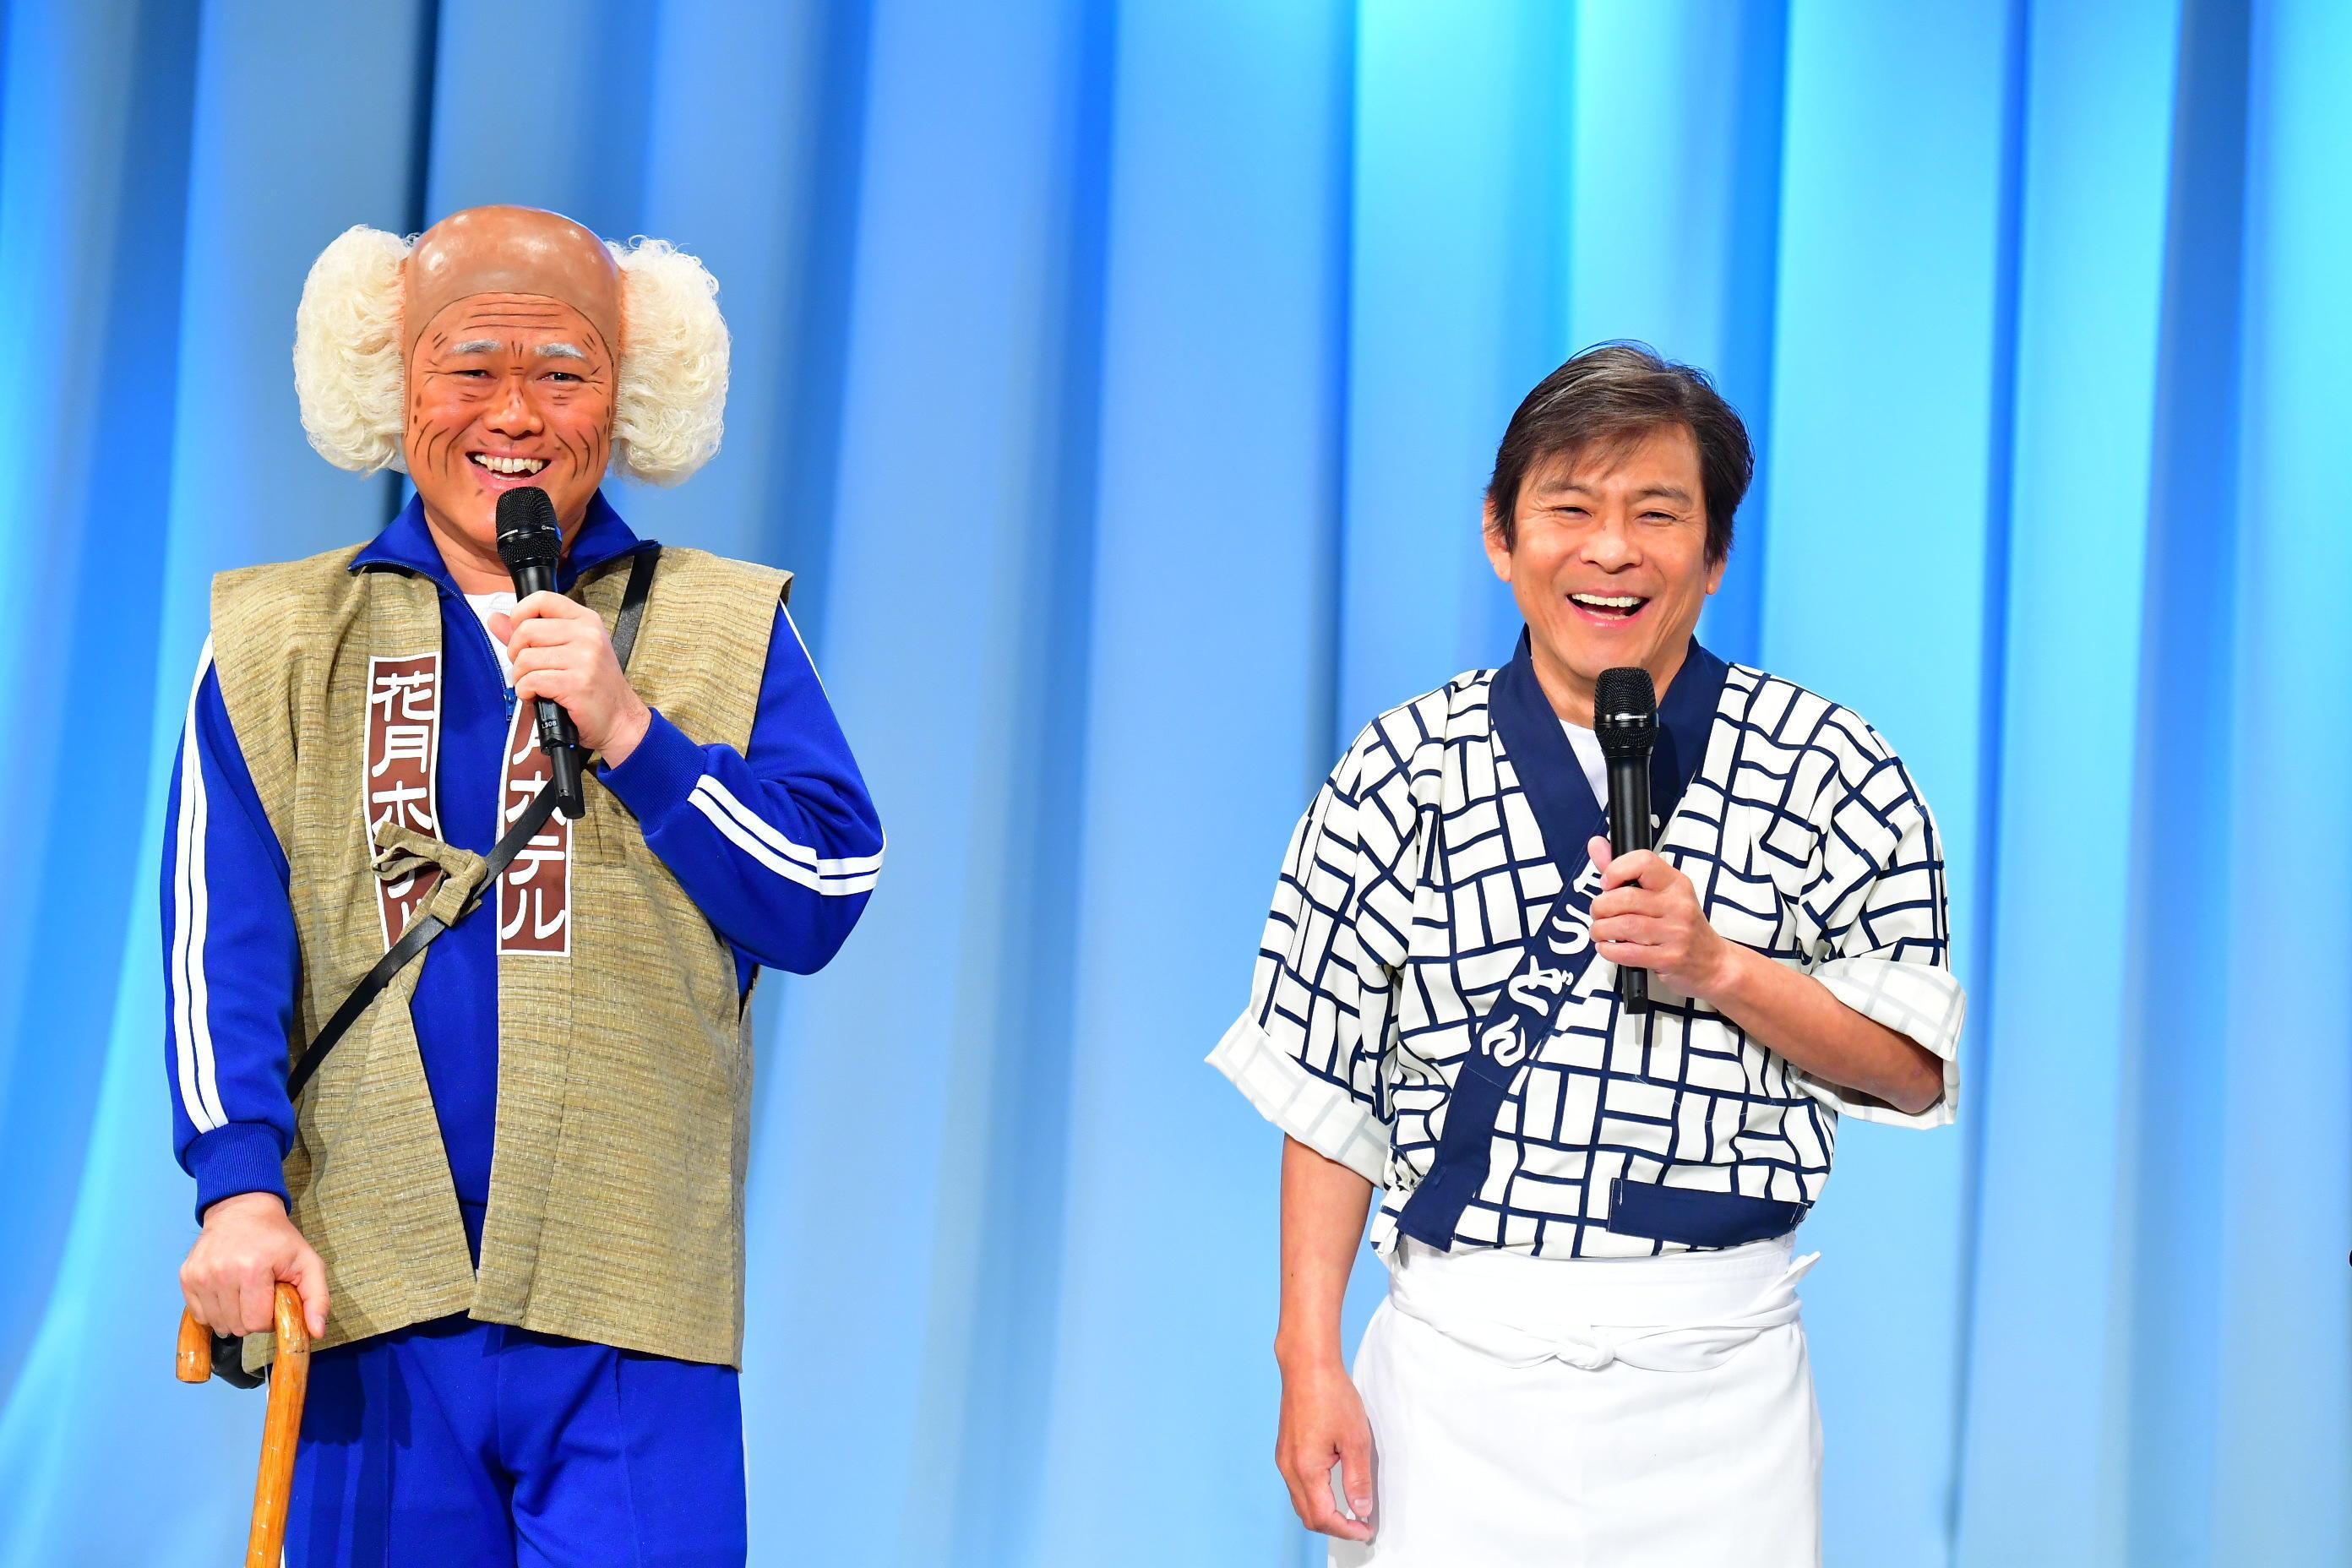 http://news.yoshimoto.co.jp/20171207223501-38f44bfdd982829194c894d47abb6b21529eca86.jpg